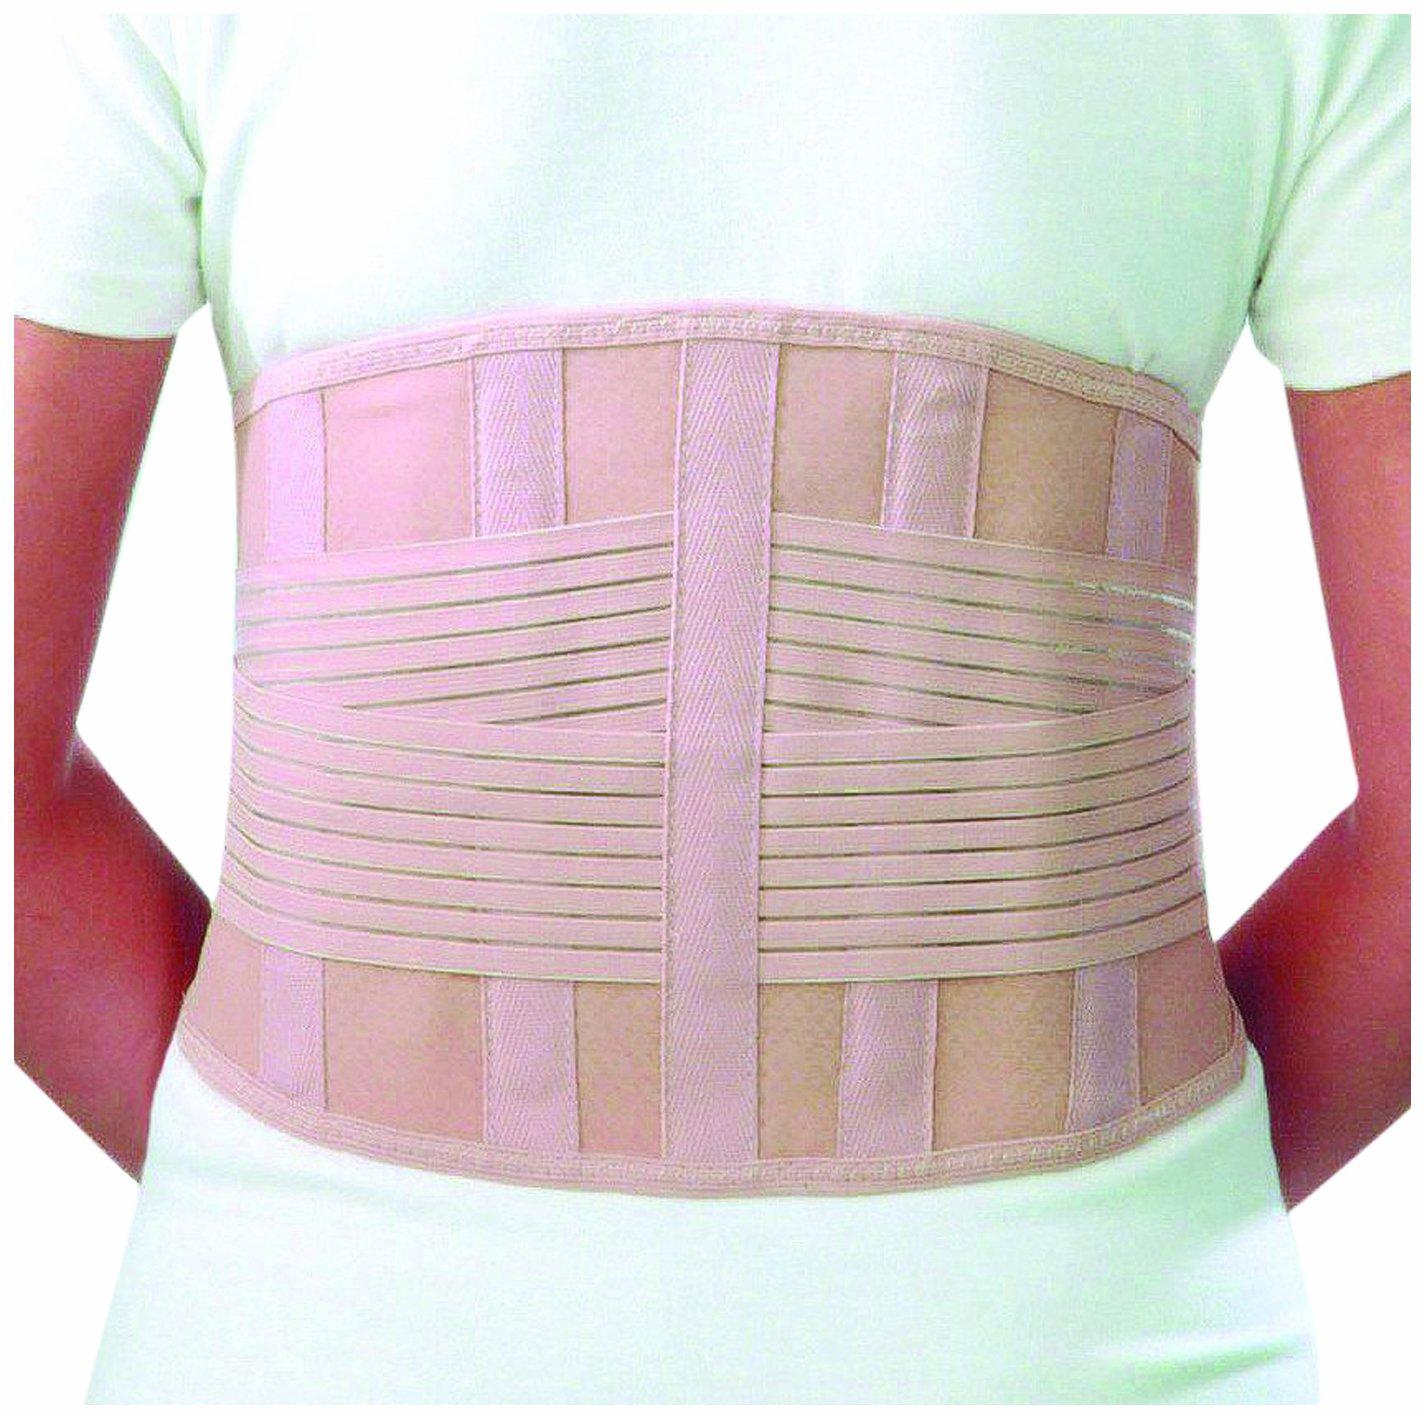 Dynamix Ortho - Faja ortopédico para postura lumbar (4 posturas y descanso de la espalda) Impectron LU-02